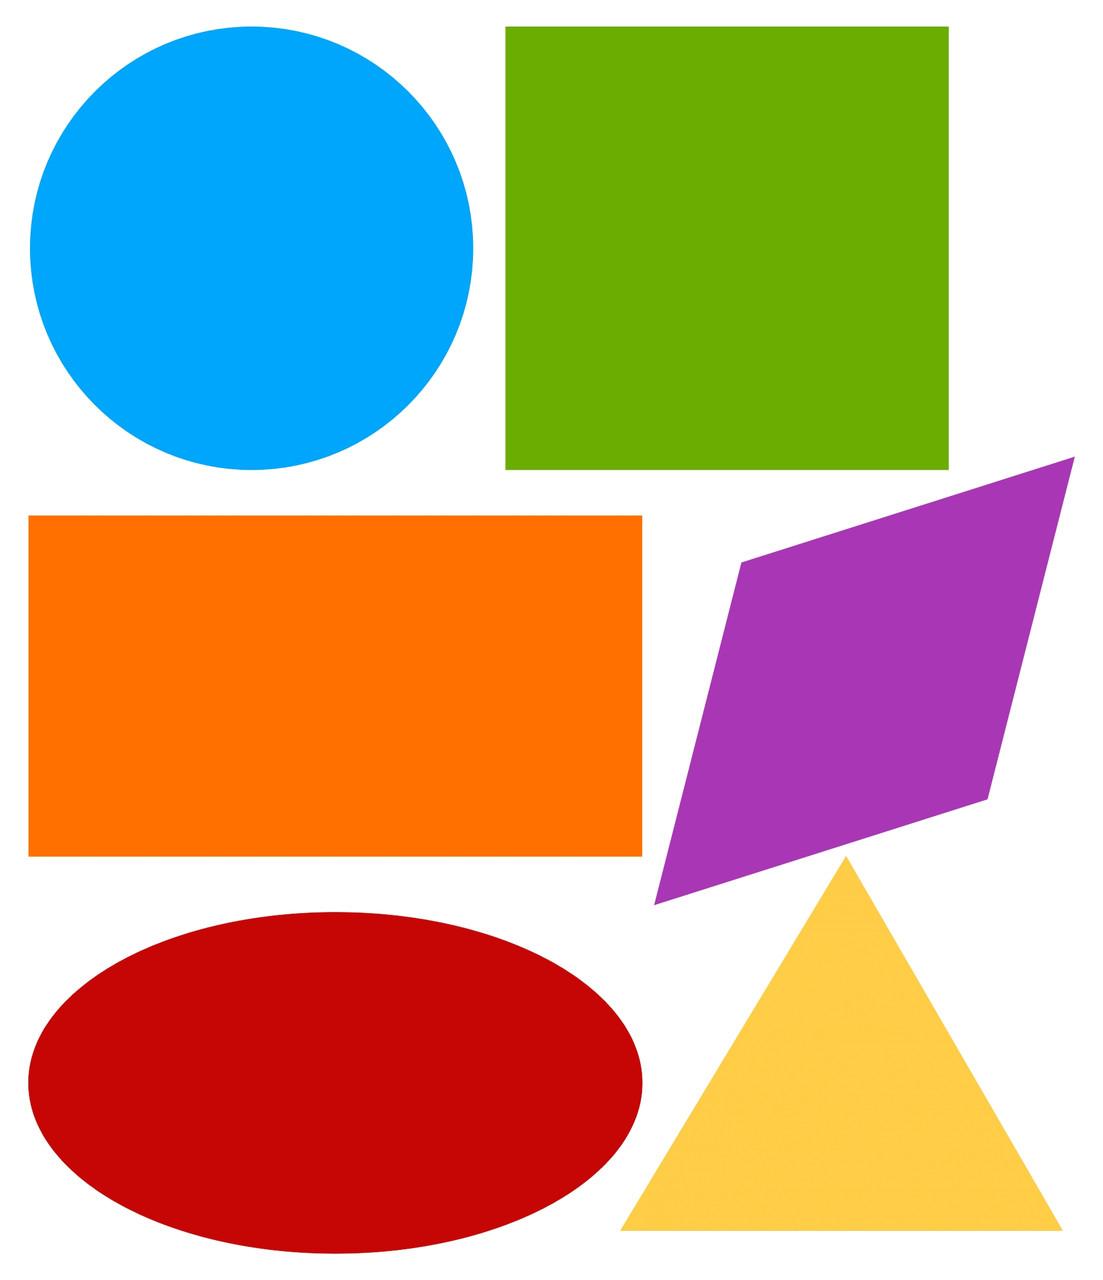 кружки фигуры геометрические картинки фотообои